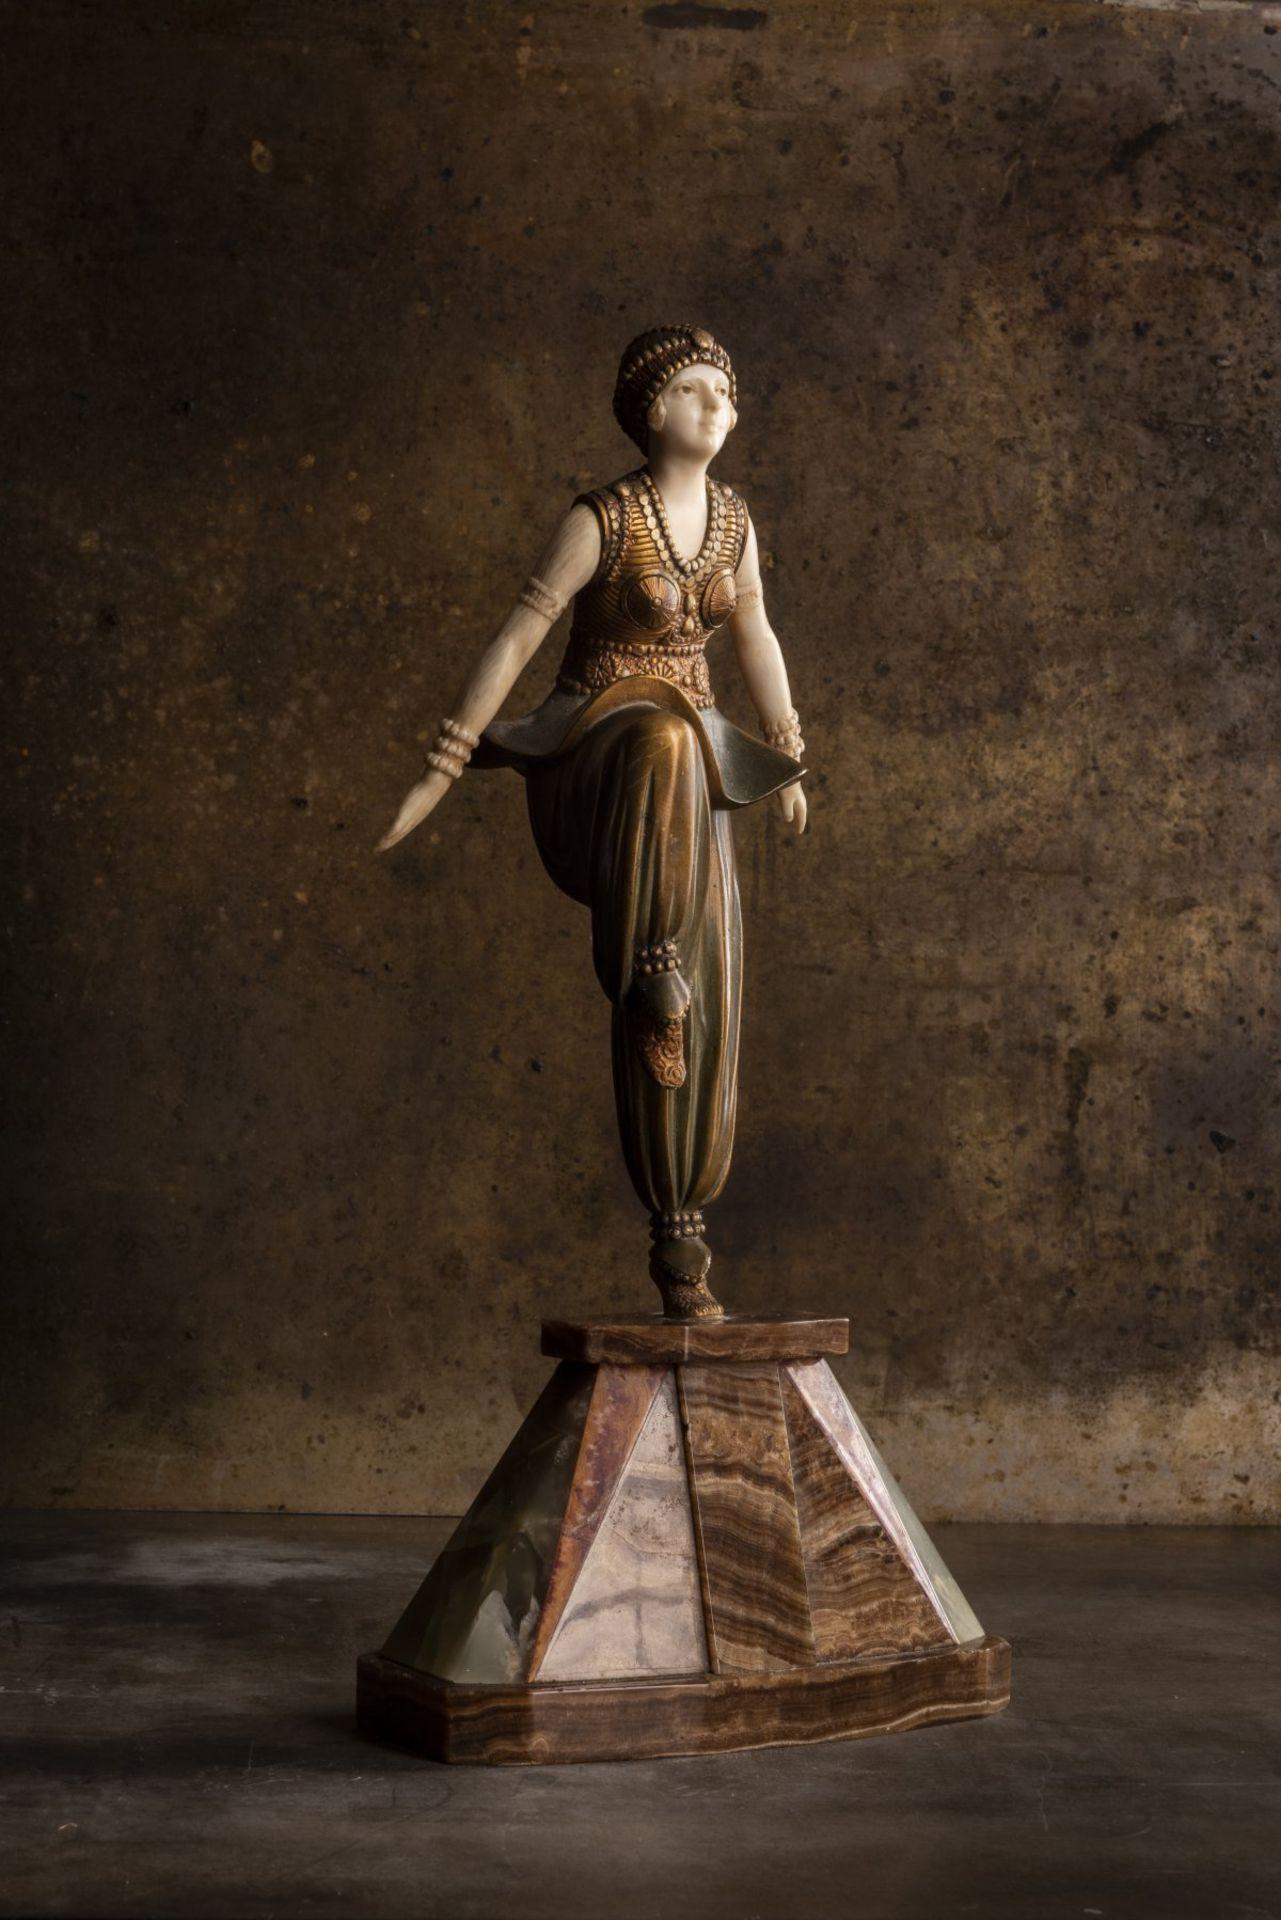 Demètre H. Chiparus, 'Orientalische Tänzerin', um 1925 - Bild 9 aus 9